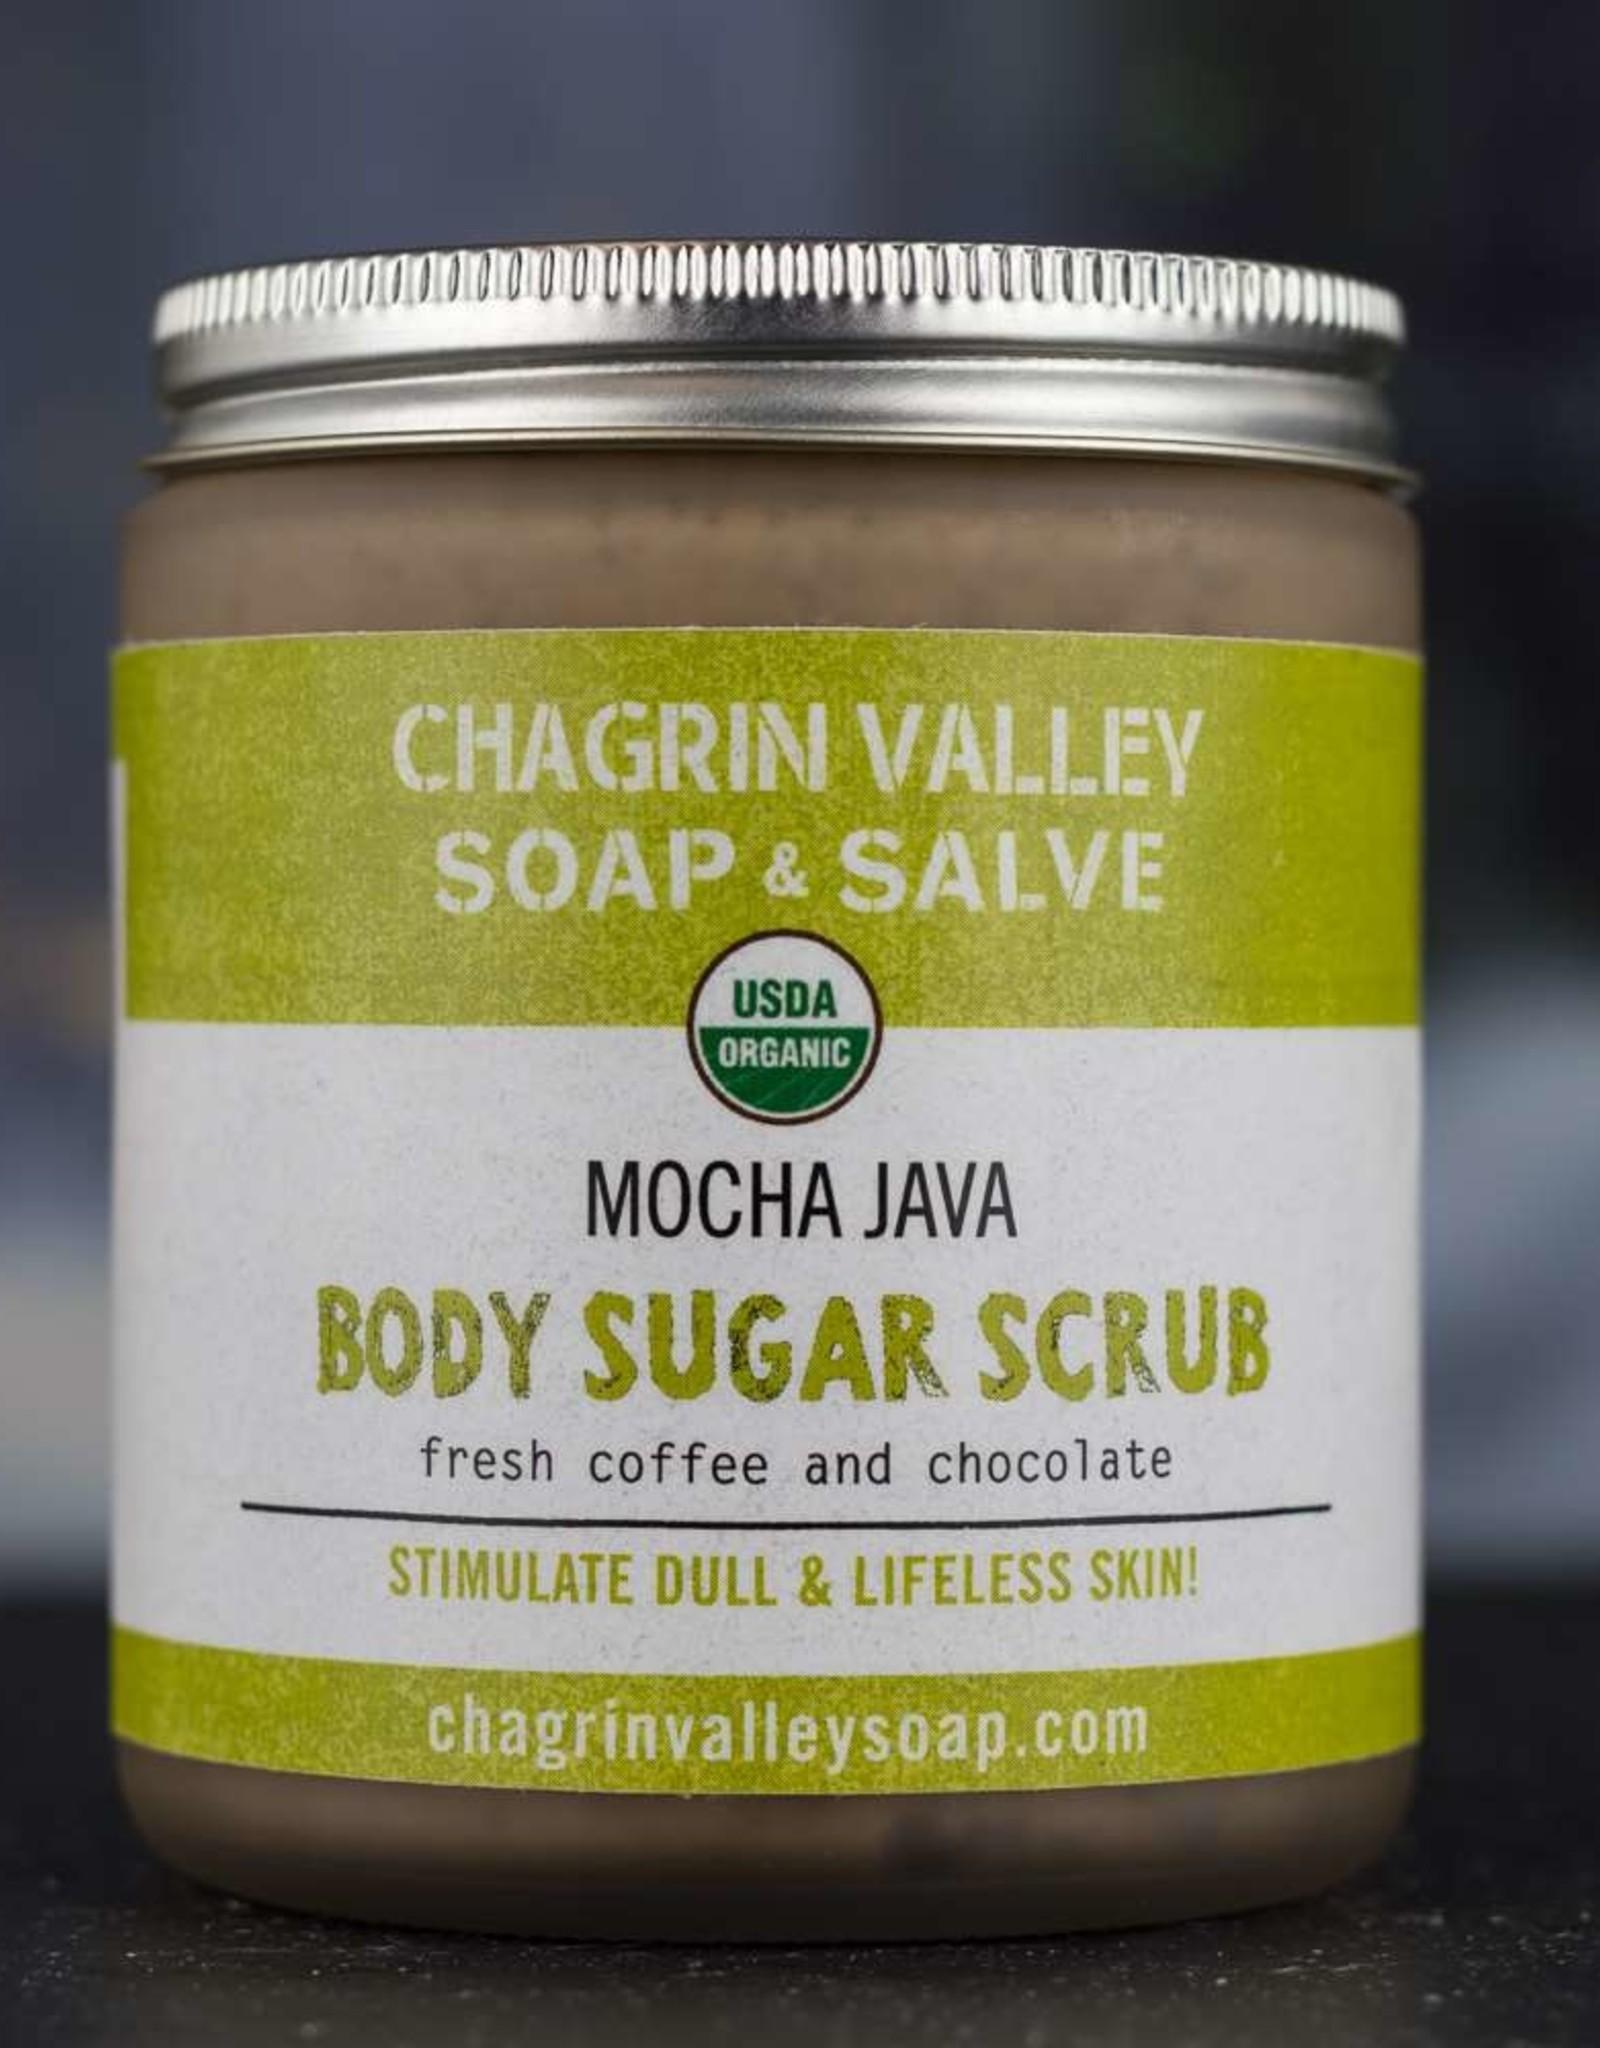 chagrin valley Mocha Java Body Sugar Scrub